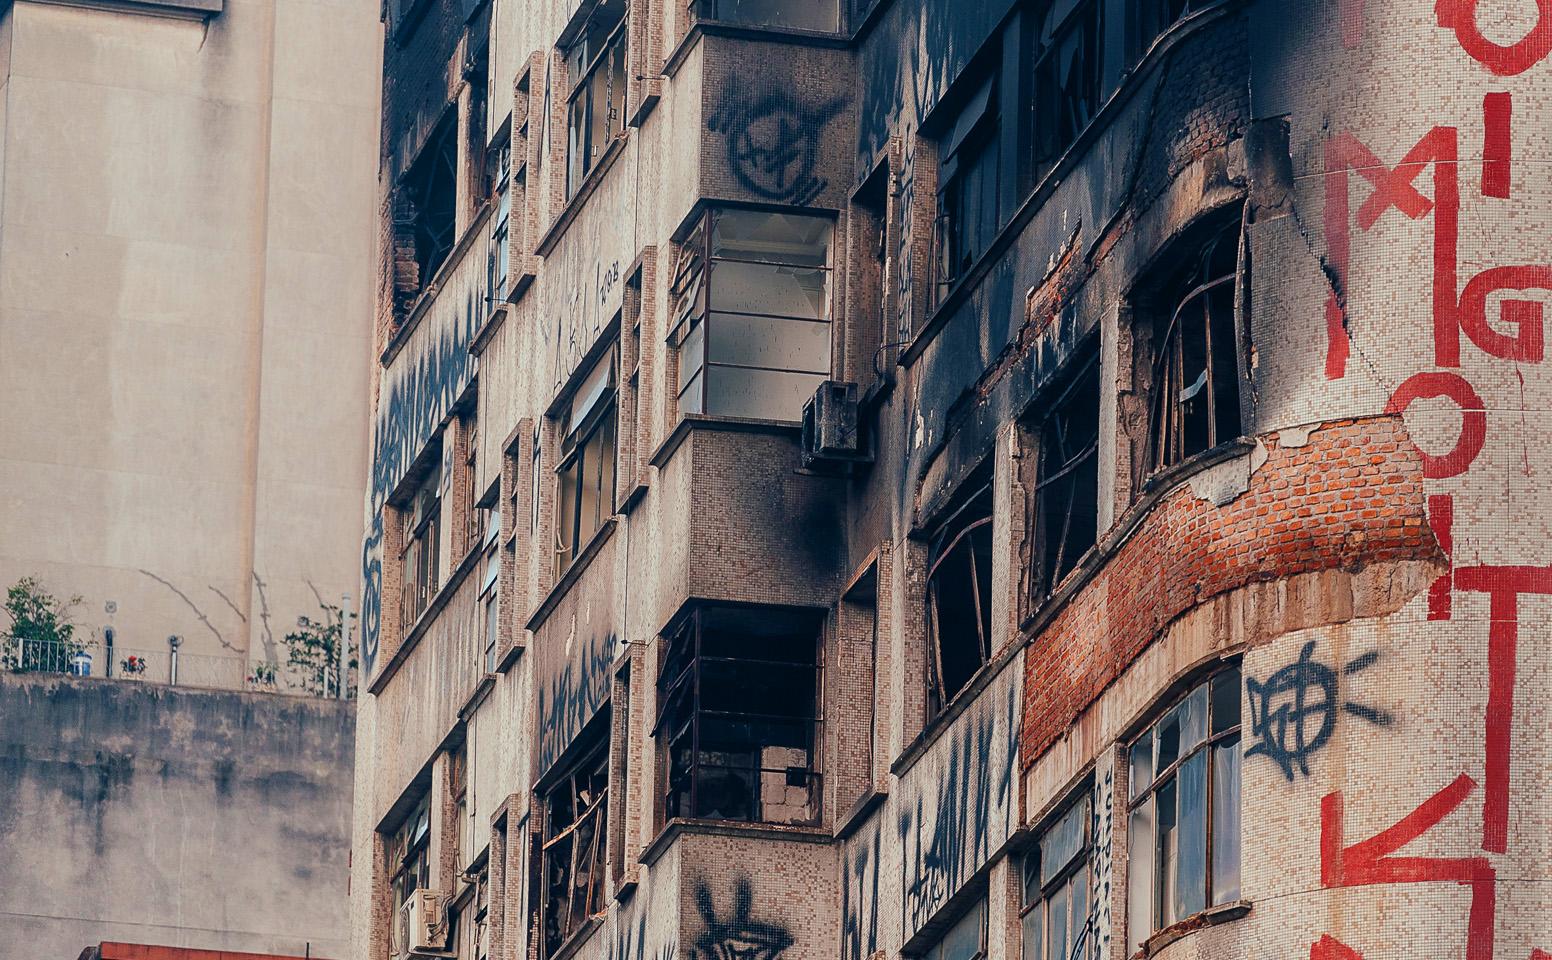 Bombeiros encontram corpo nos escombros de prédio em SP